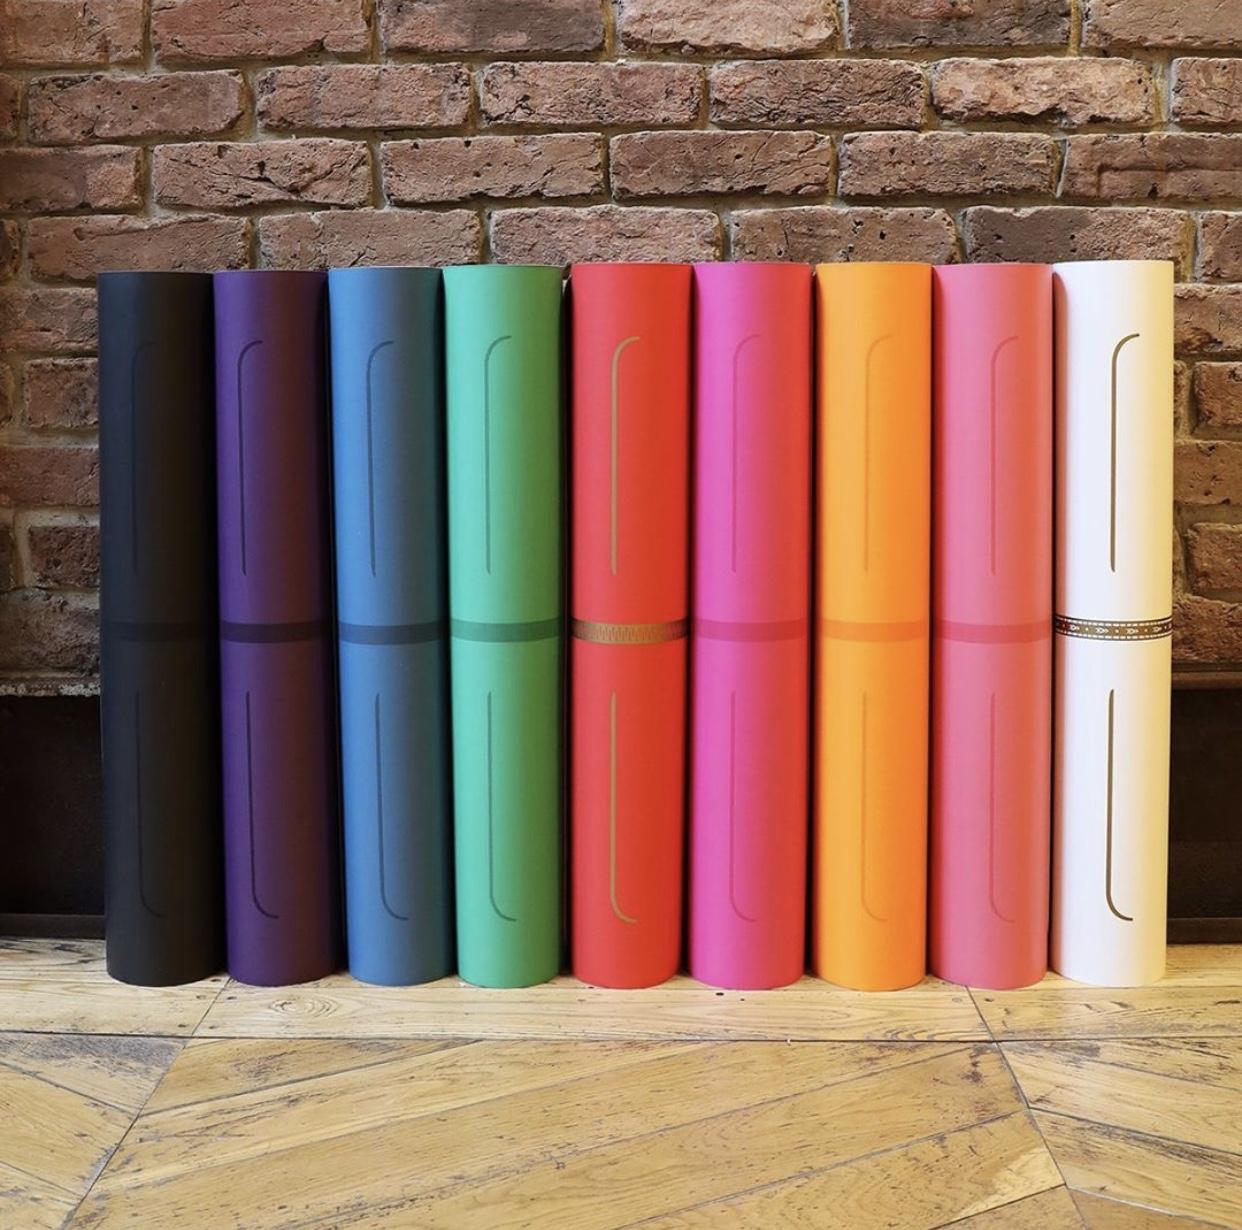 Hướng dẫn chọn thảm yoga tốt nhất theo 5 tiêu chí